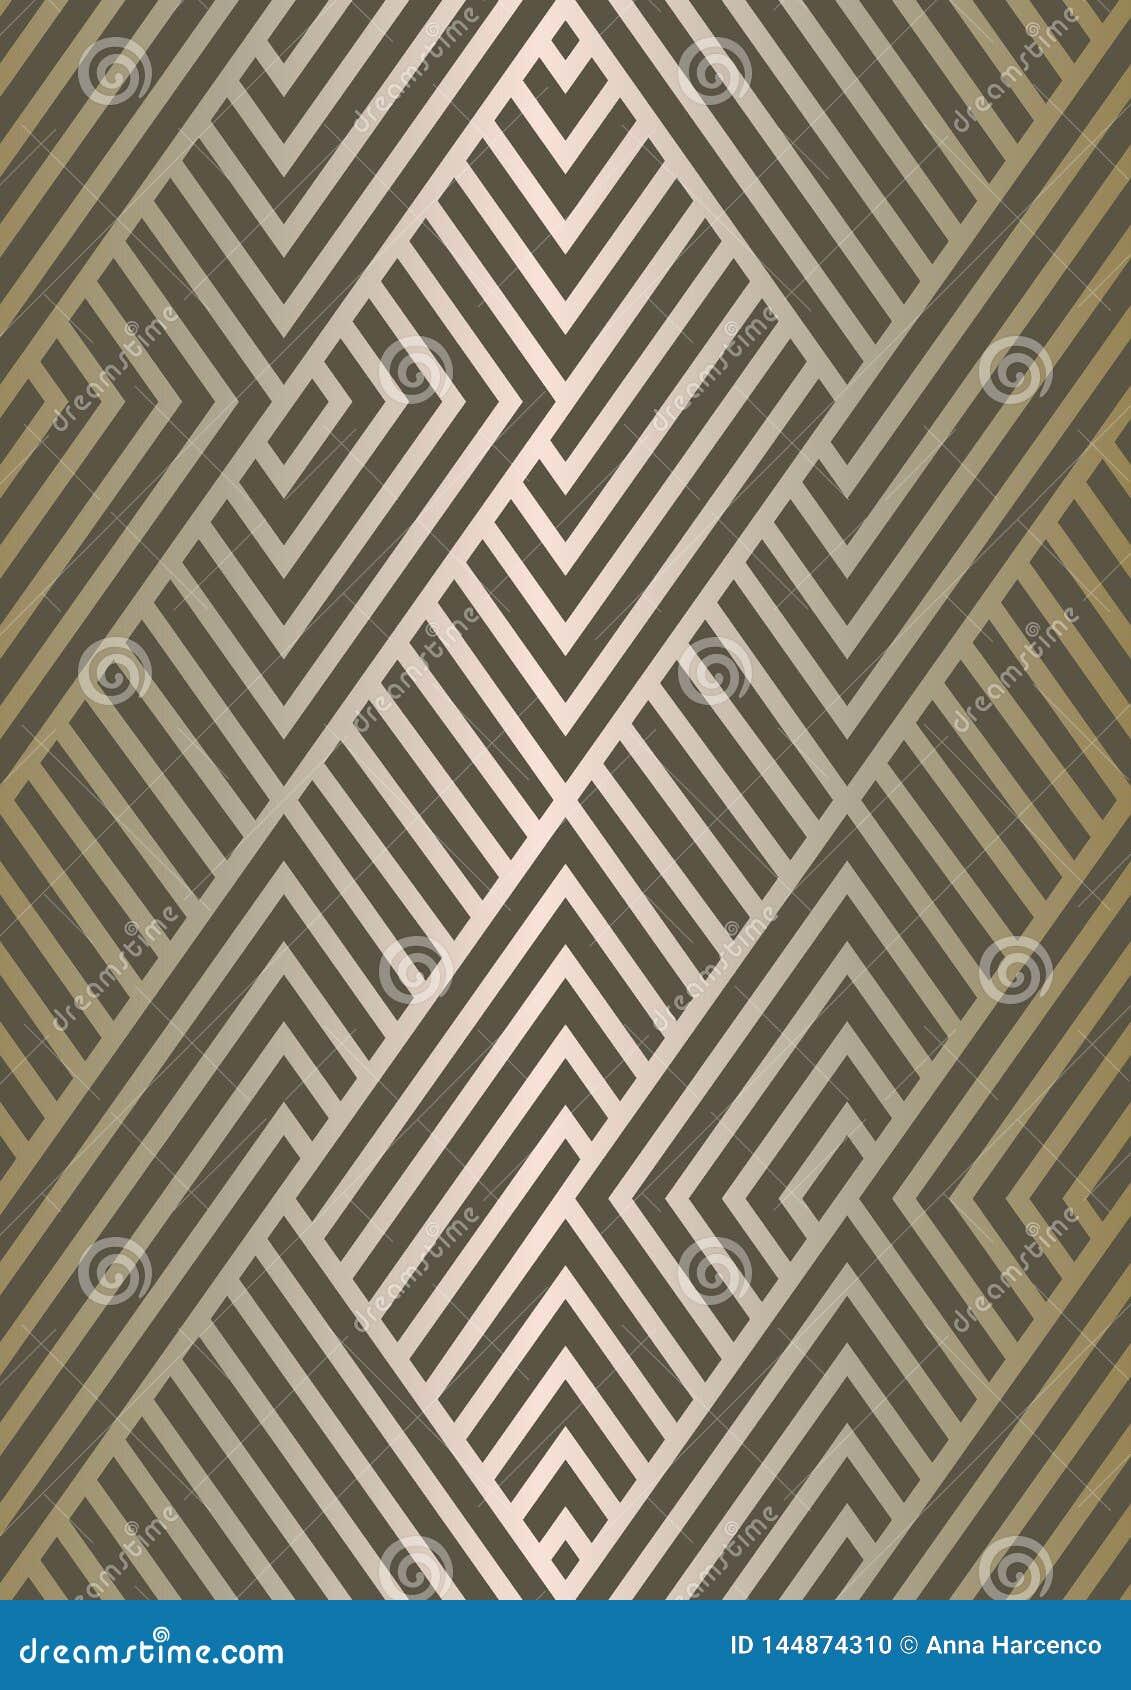 Seamless grid lines. Simple minimalistic pattern.